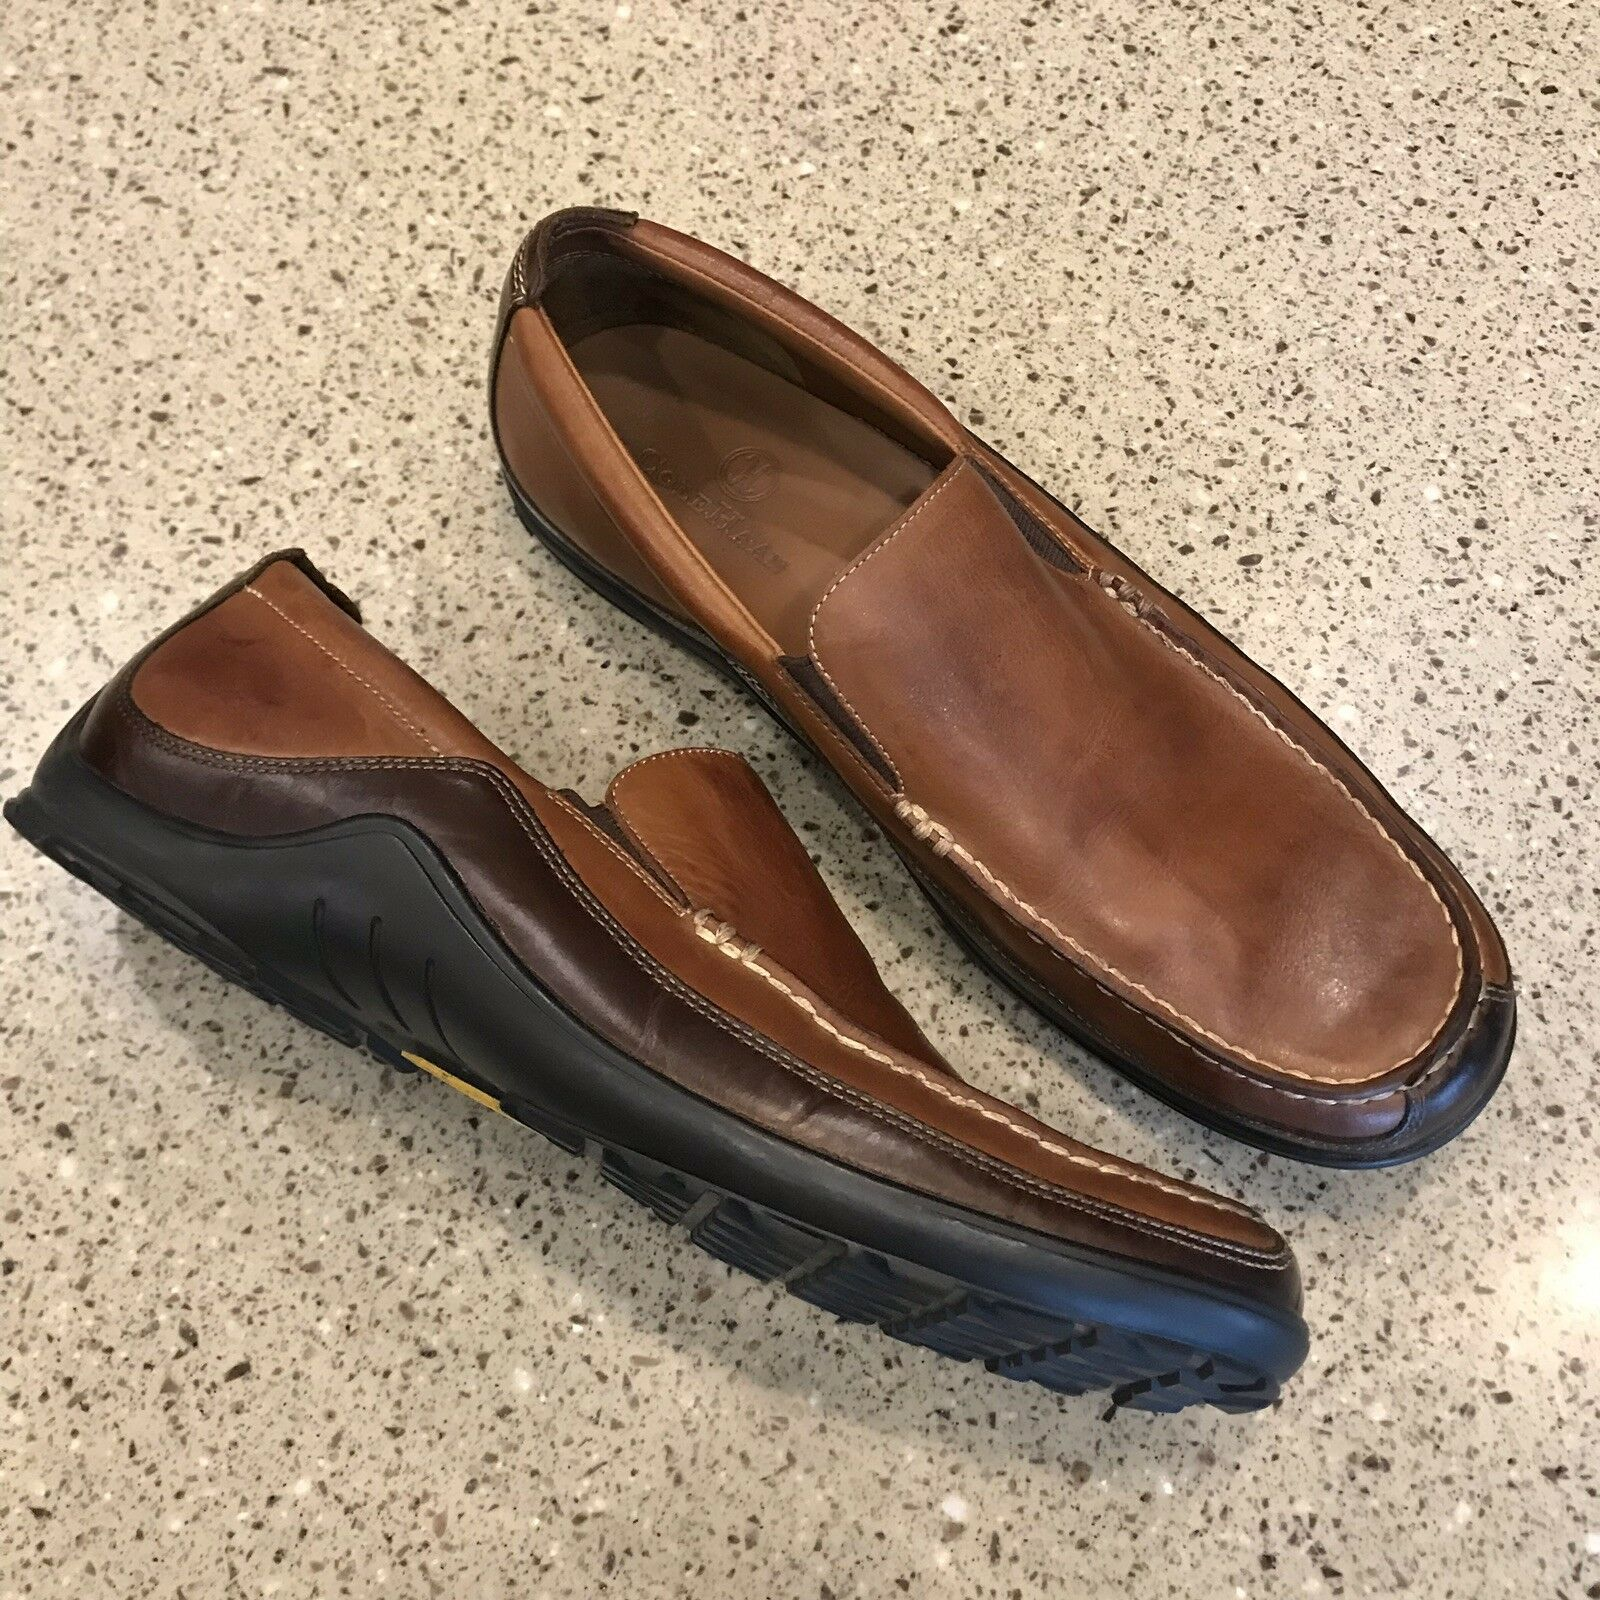 Cole Haan Tucker Venetian Vibram Men's 10.5 Loafer Brown Leather Slip-on